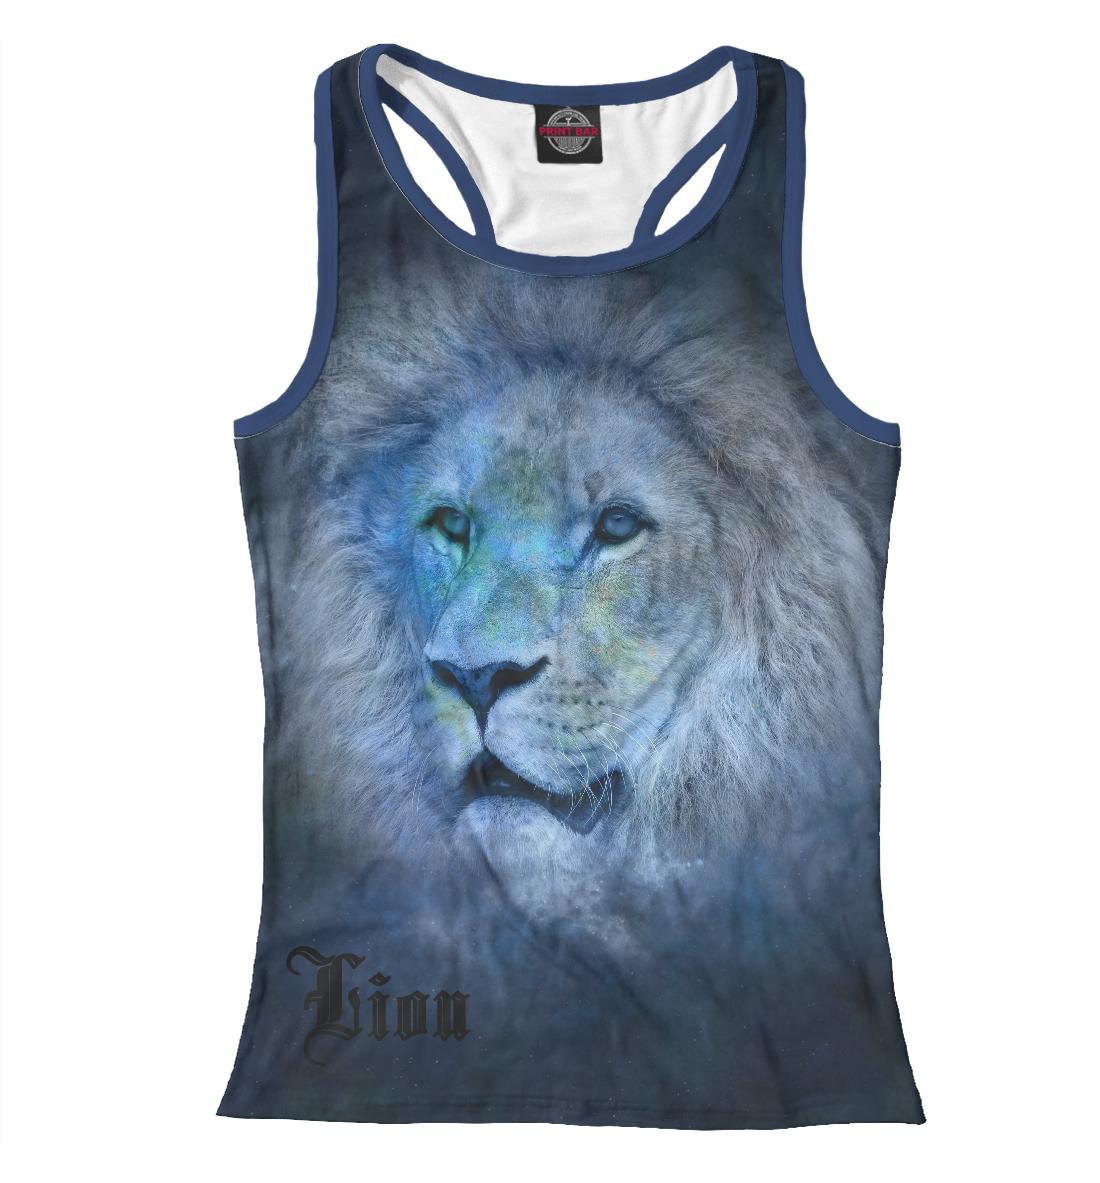 Купить Lion, Printbar, Майки борцовки, LEV-224318-mayb-1